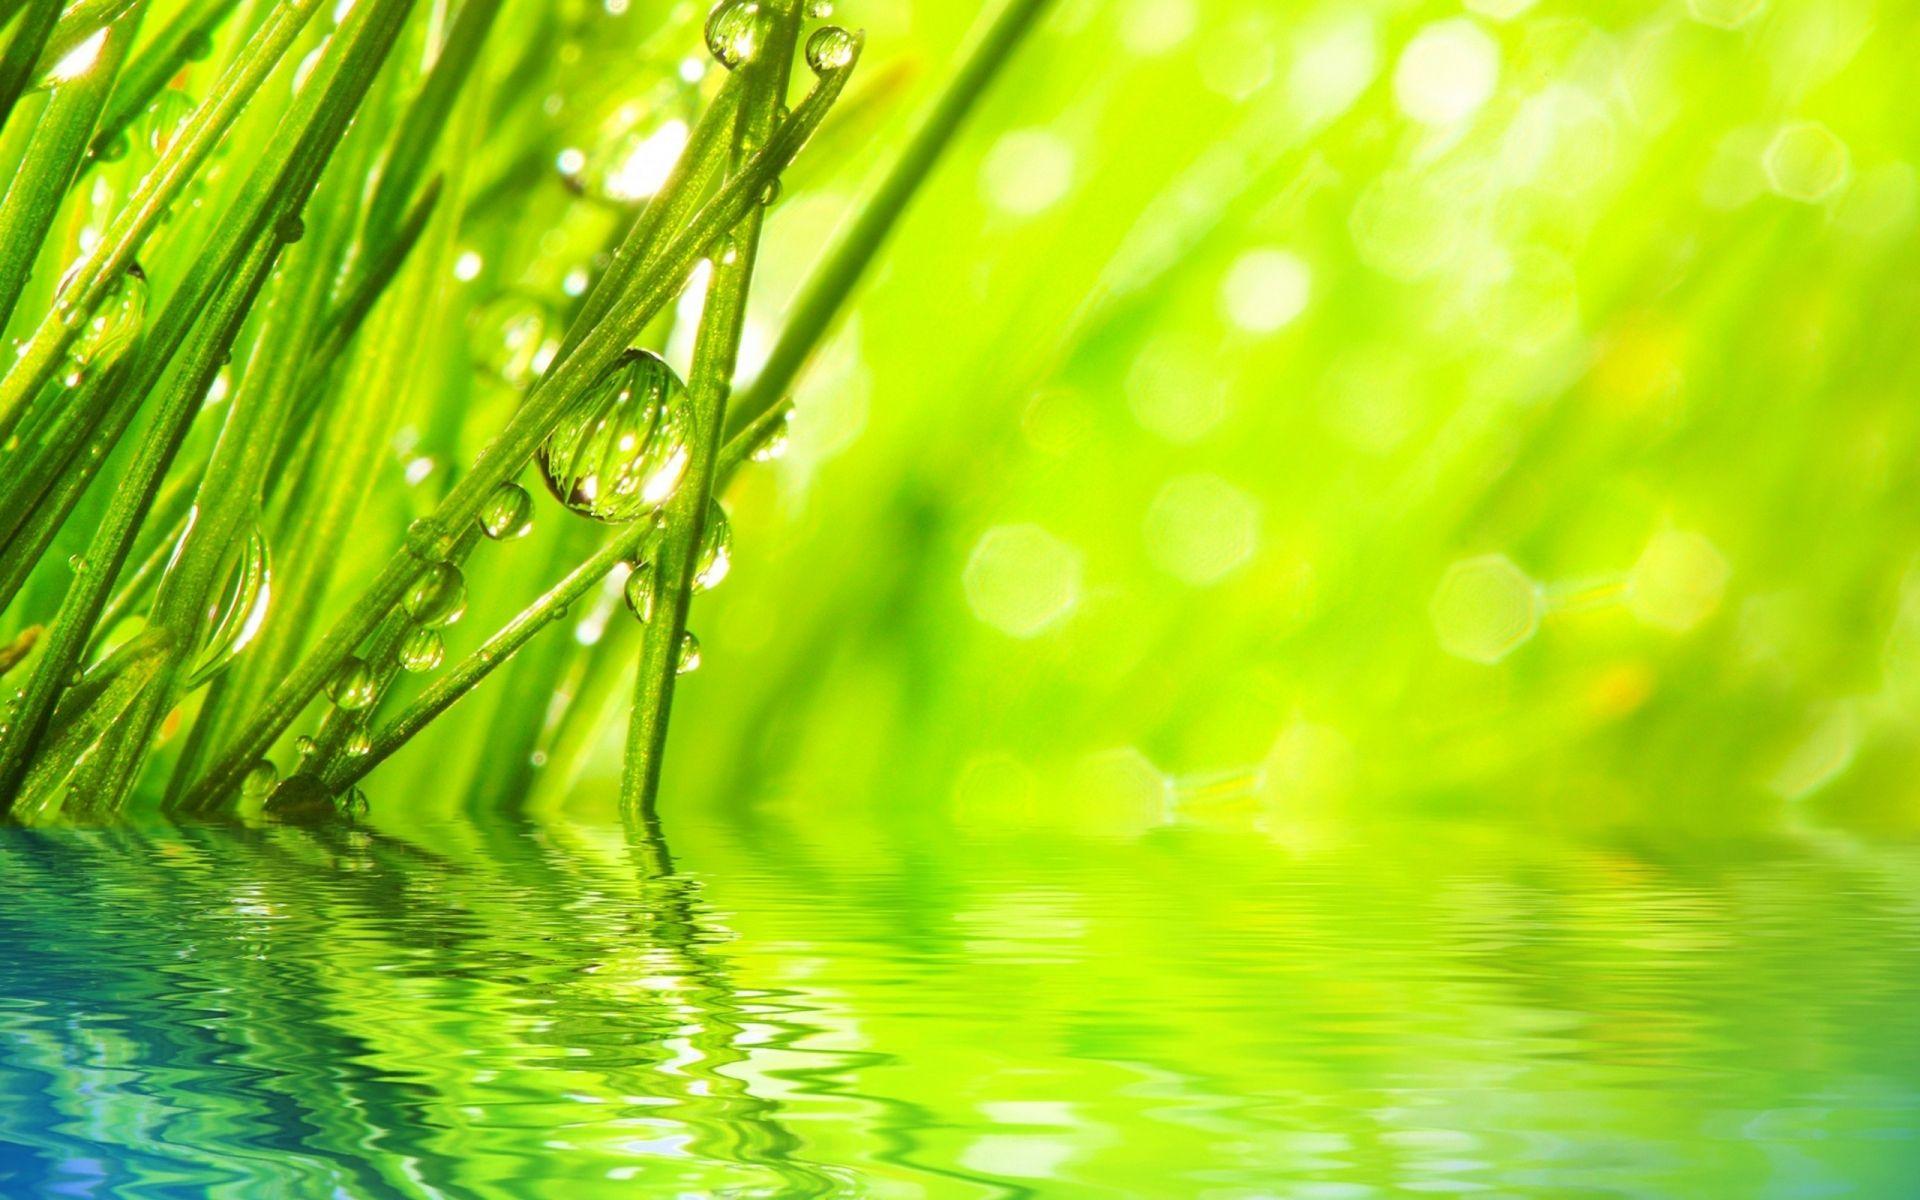 Wallpaper Hd Water Drops On Grass Hd Wallpaper Expert Grass